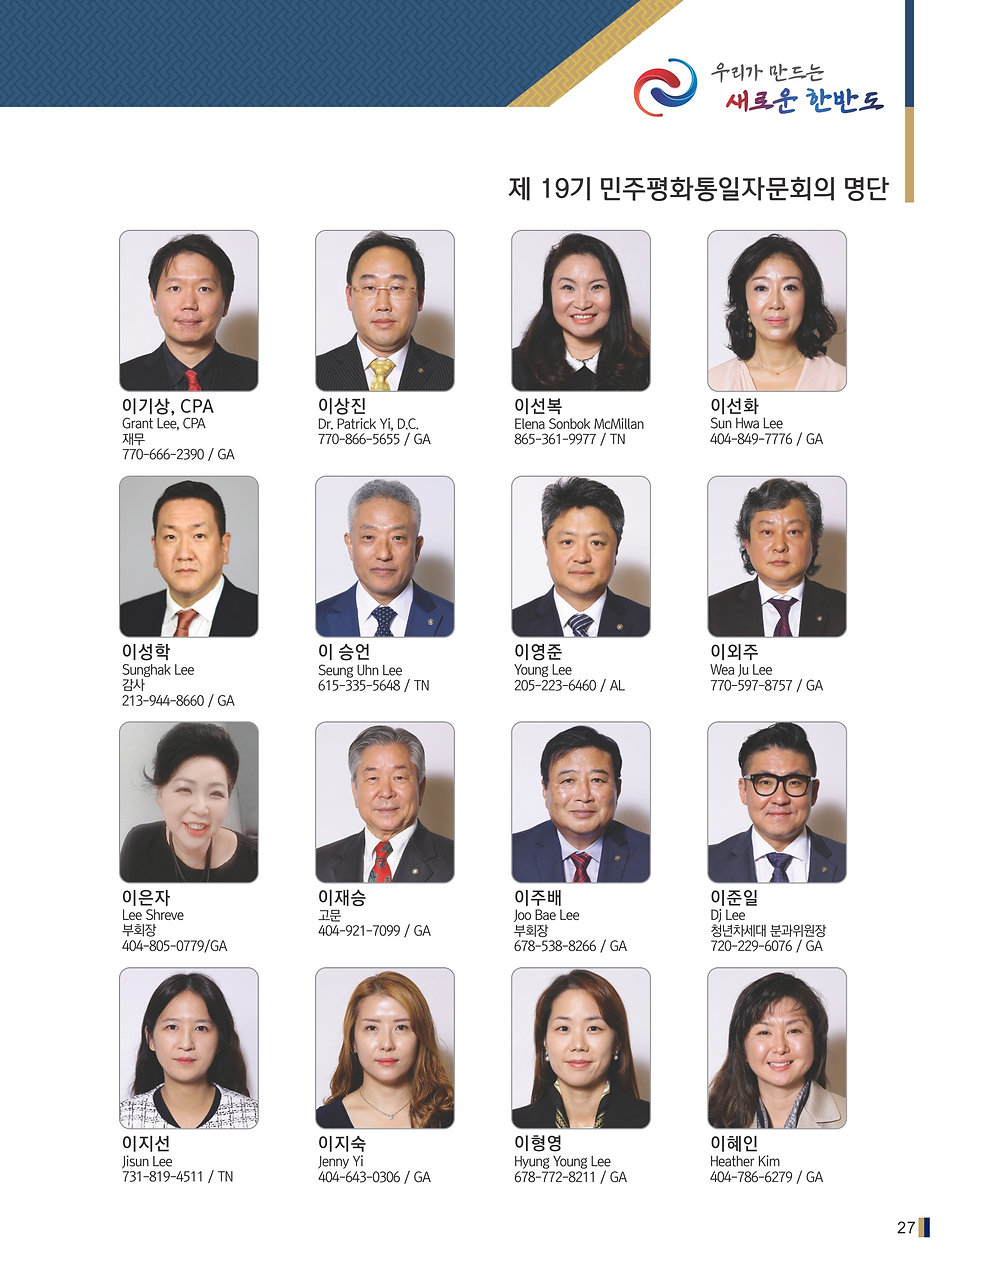 민주평통 자문위원 안내책자 내지_111319-자문위원사진첩-4.jpg